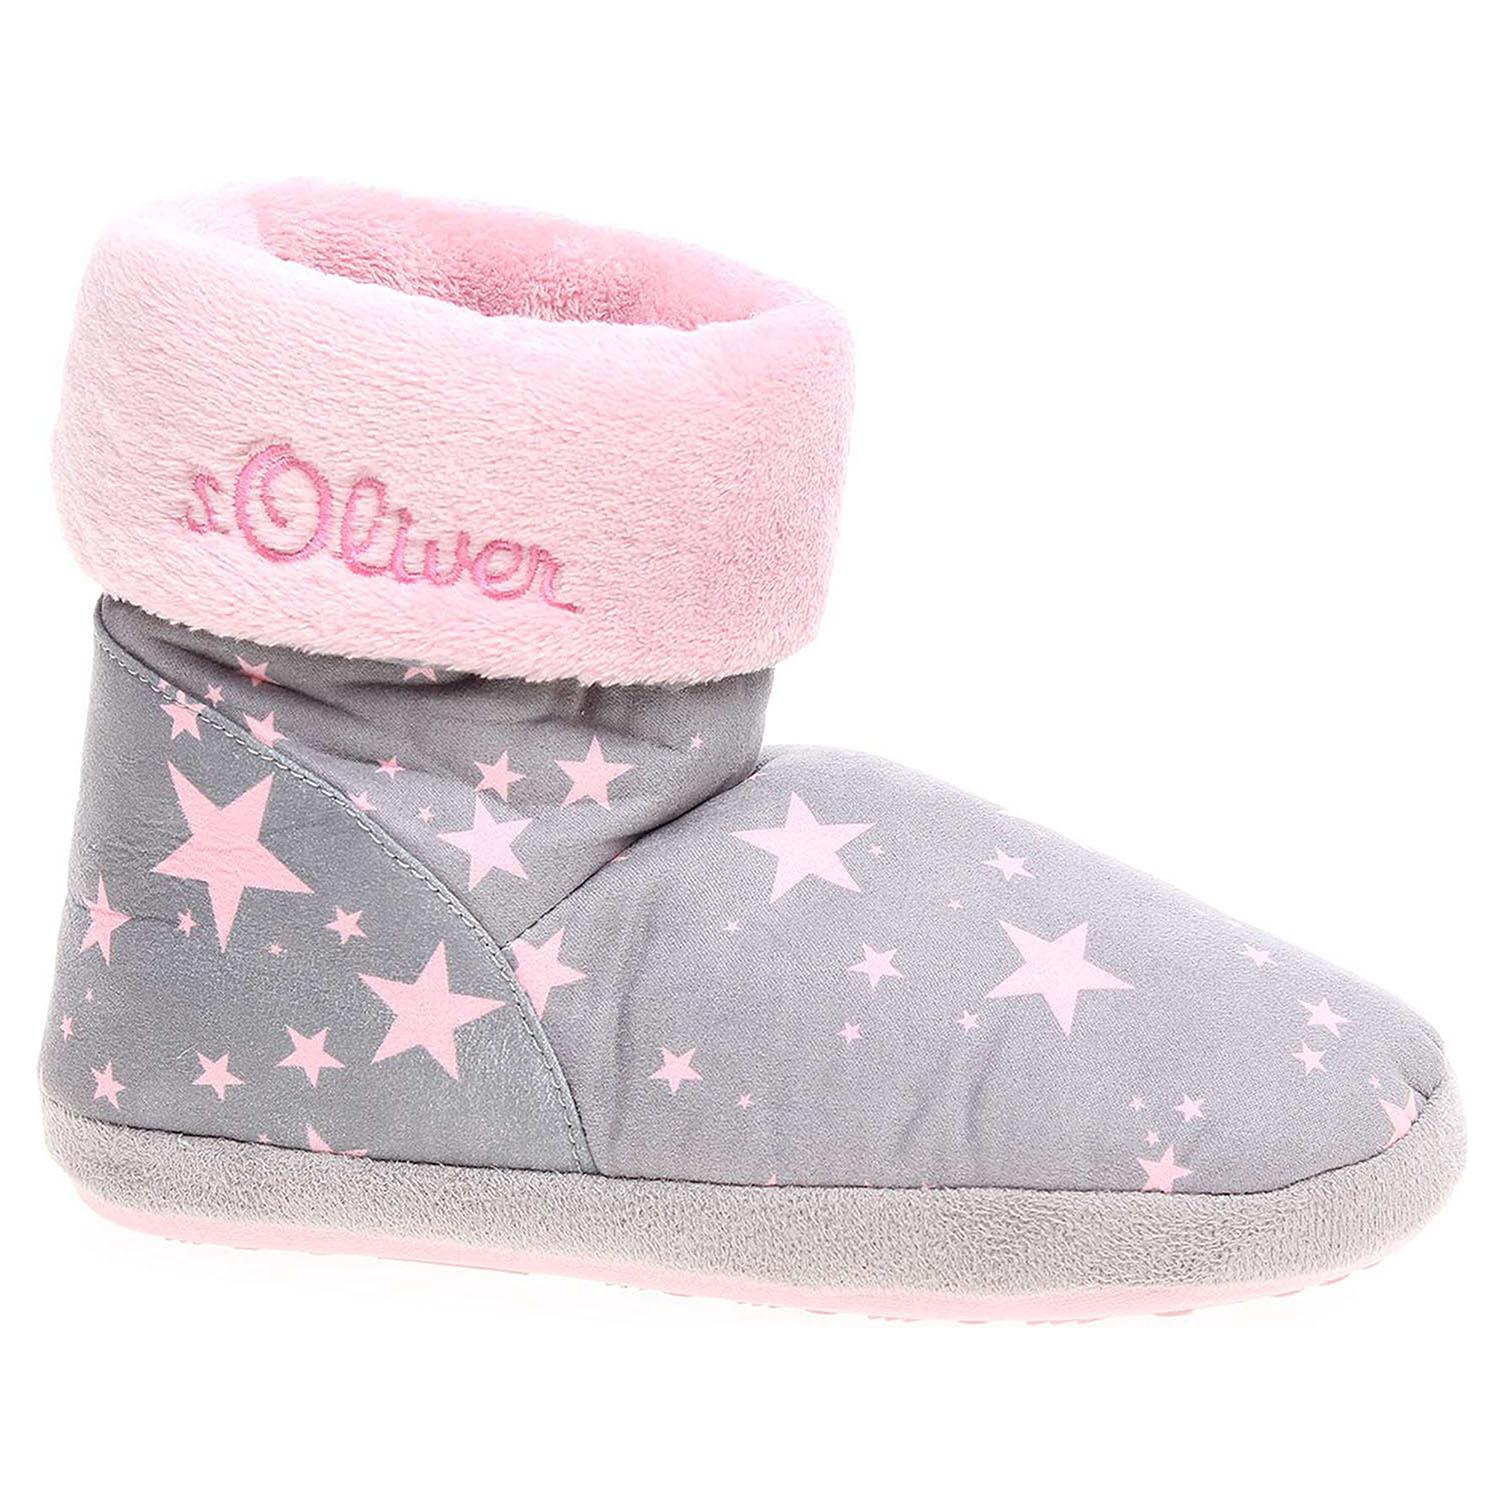 Domácí obuv s.Oliver dívčí 5-35438-39 grey comb 5-5-35438-39 201 30